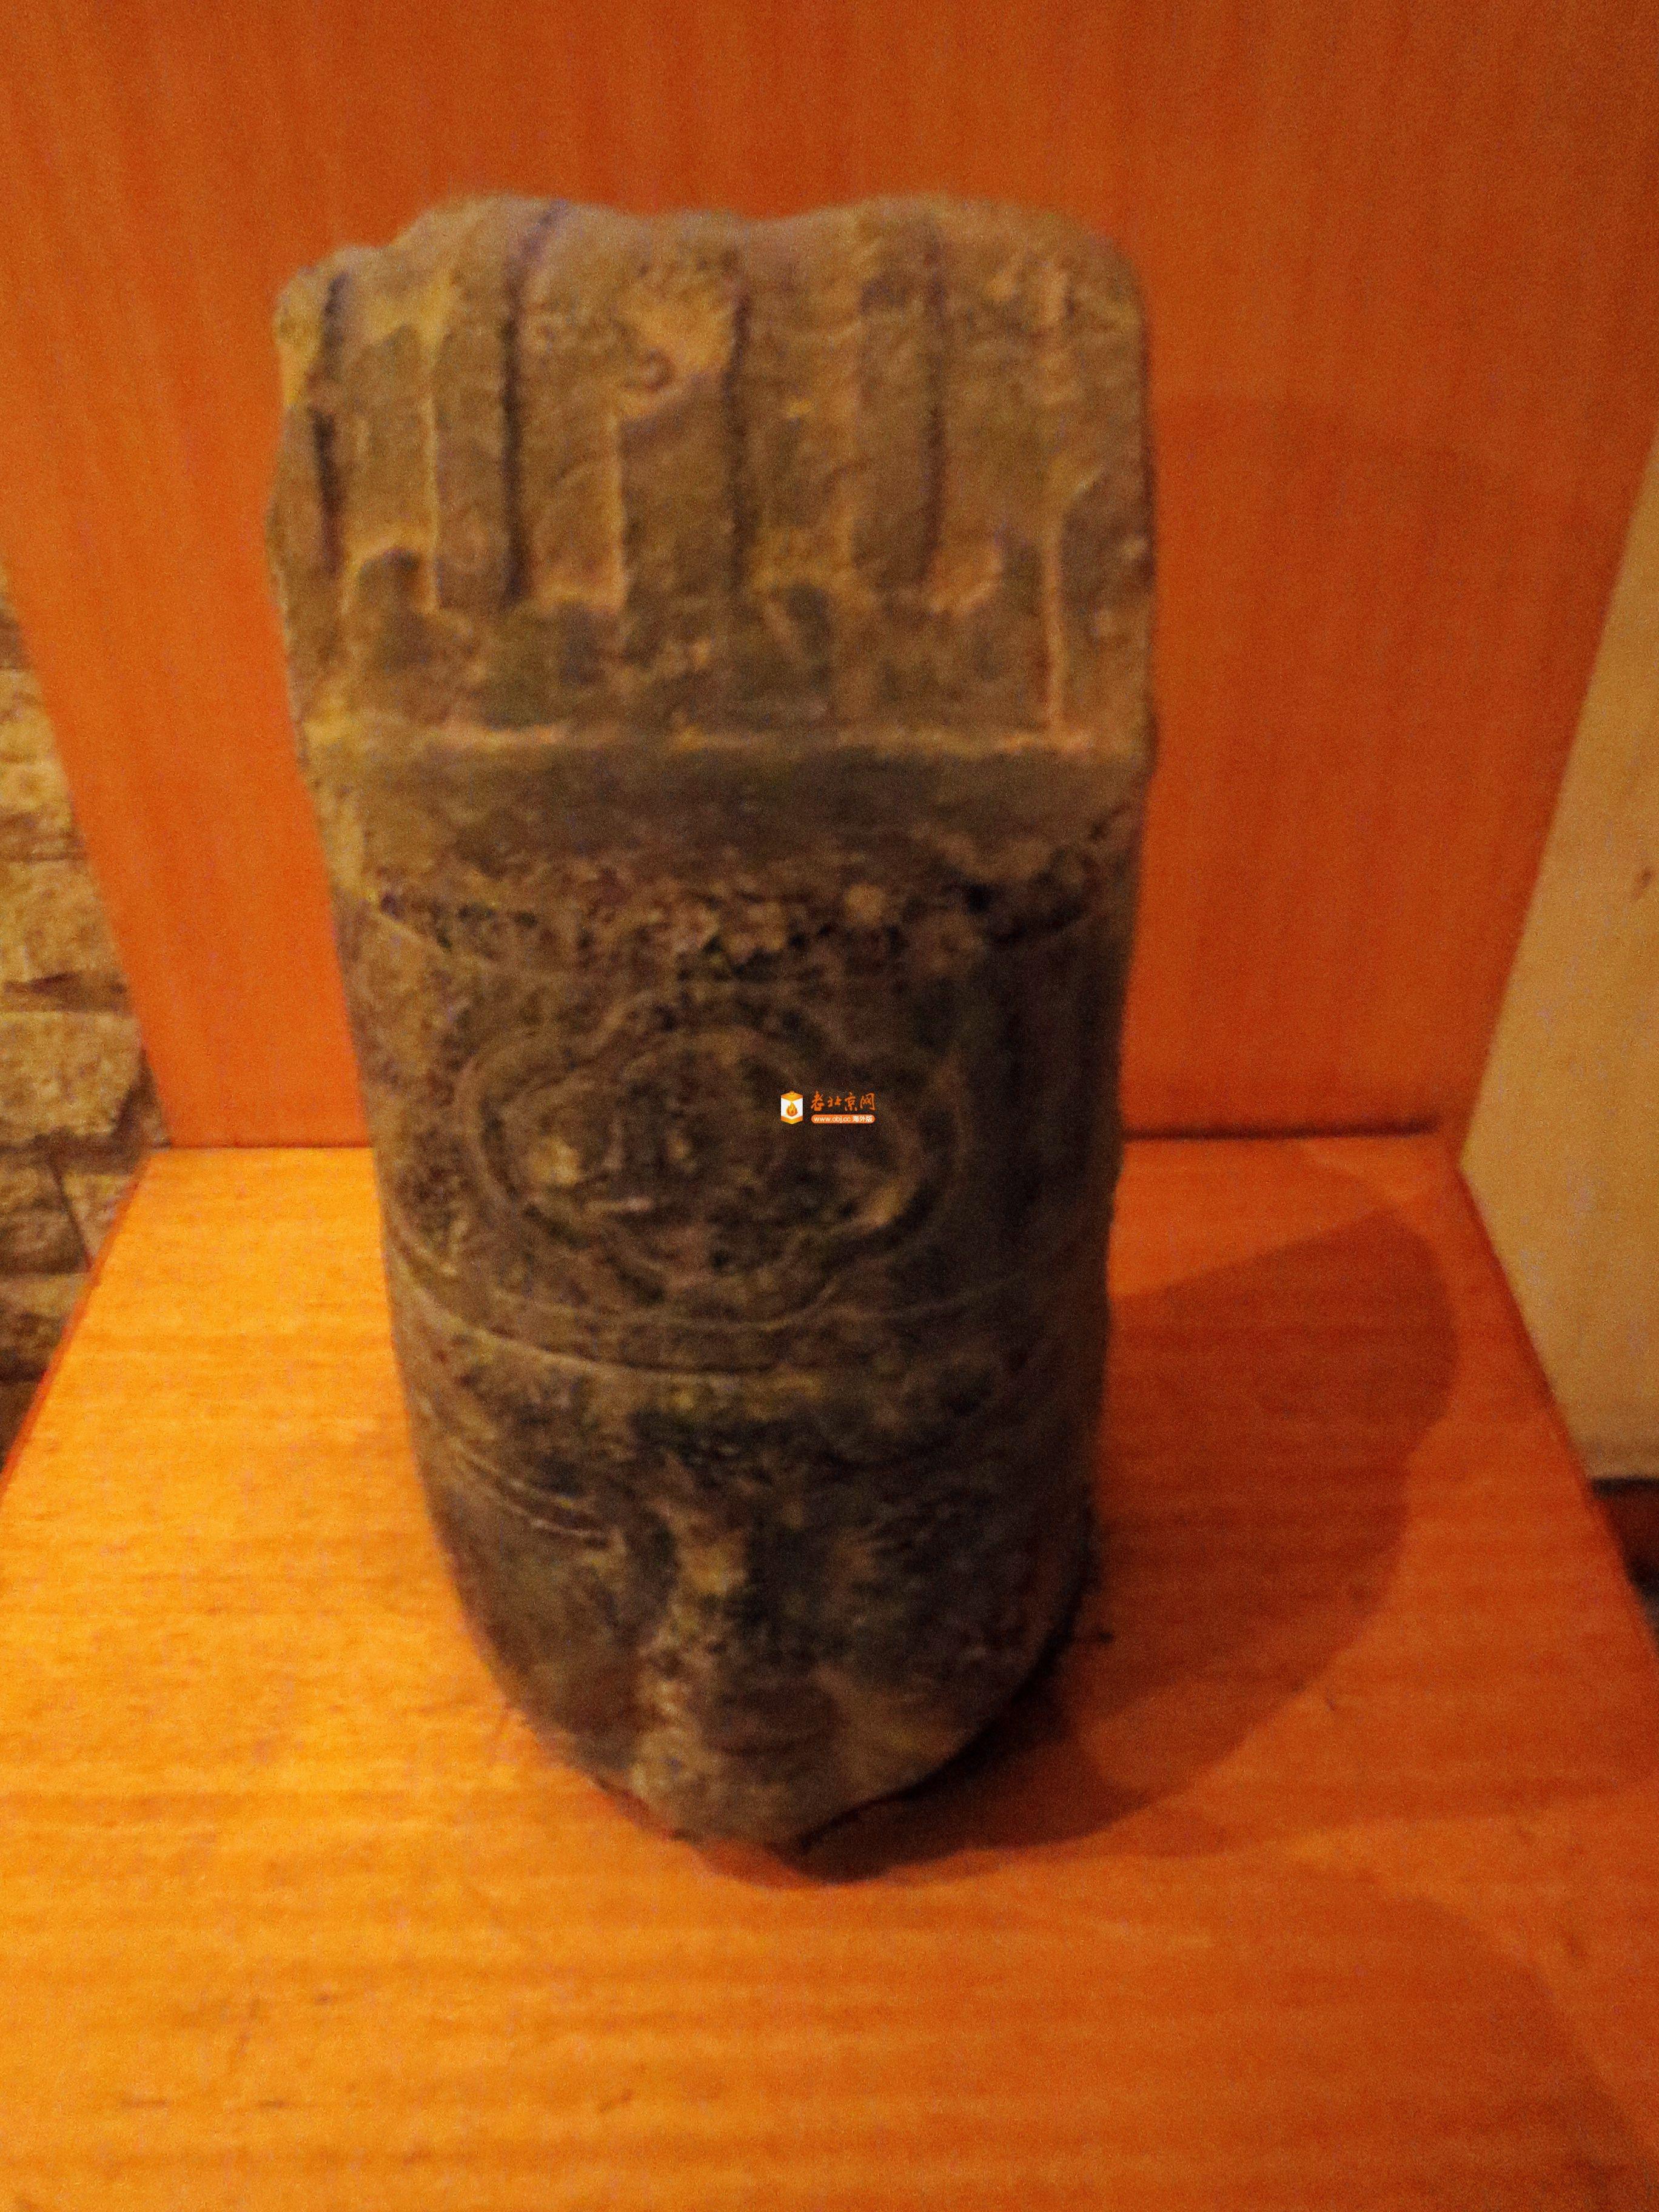 河南巩义博物馆收藏的宋陵石像生头像